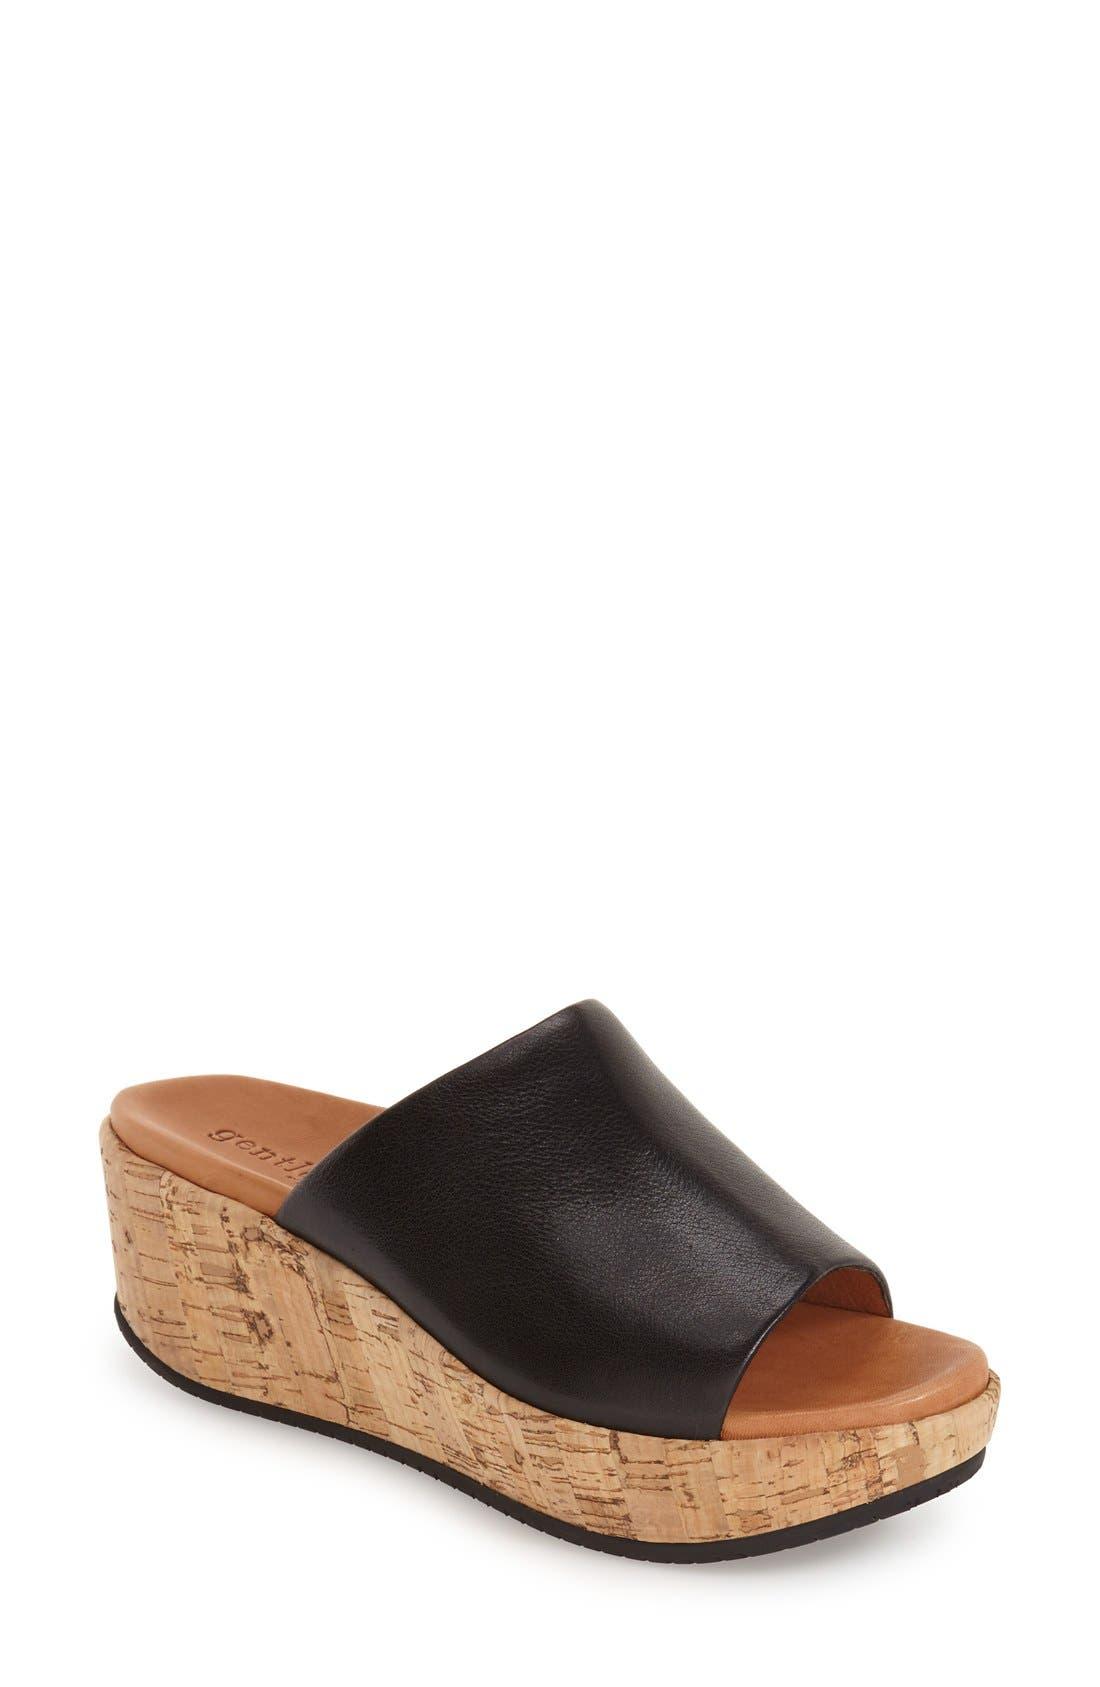 GENTLE SOULS 'Megan' Platform Wedge Sandal